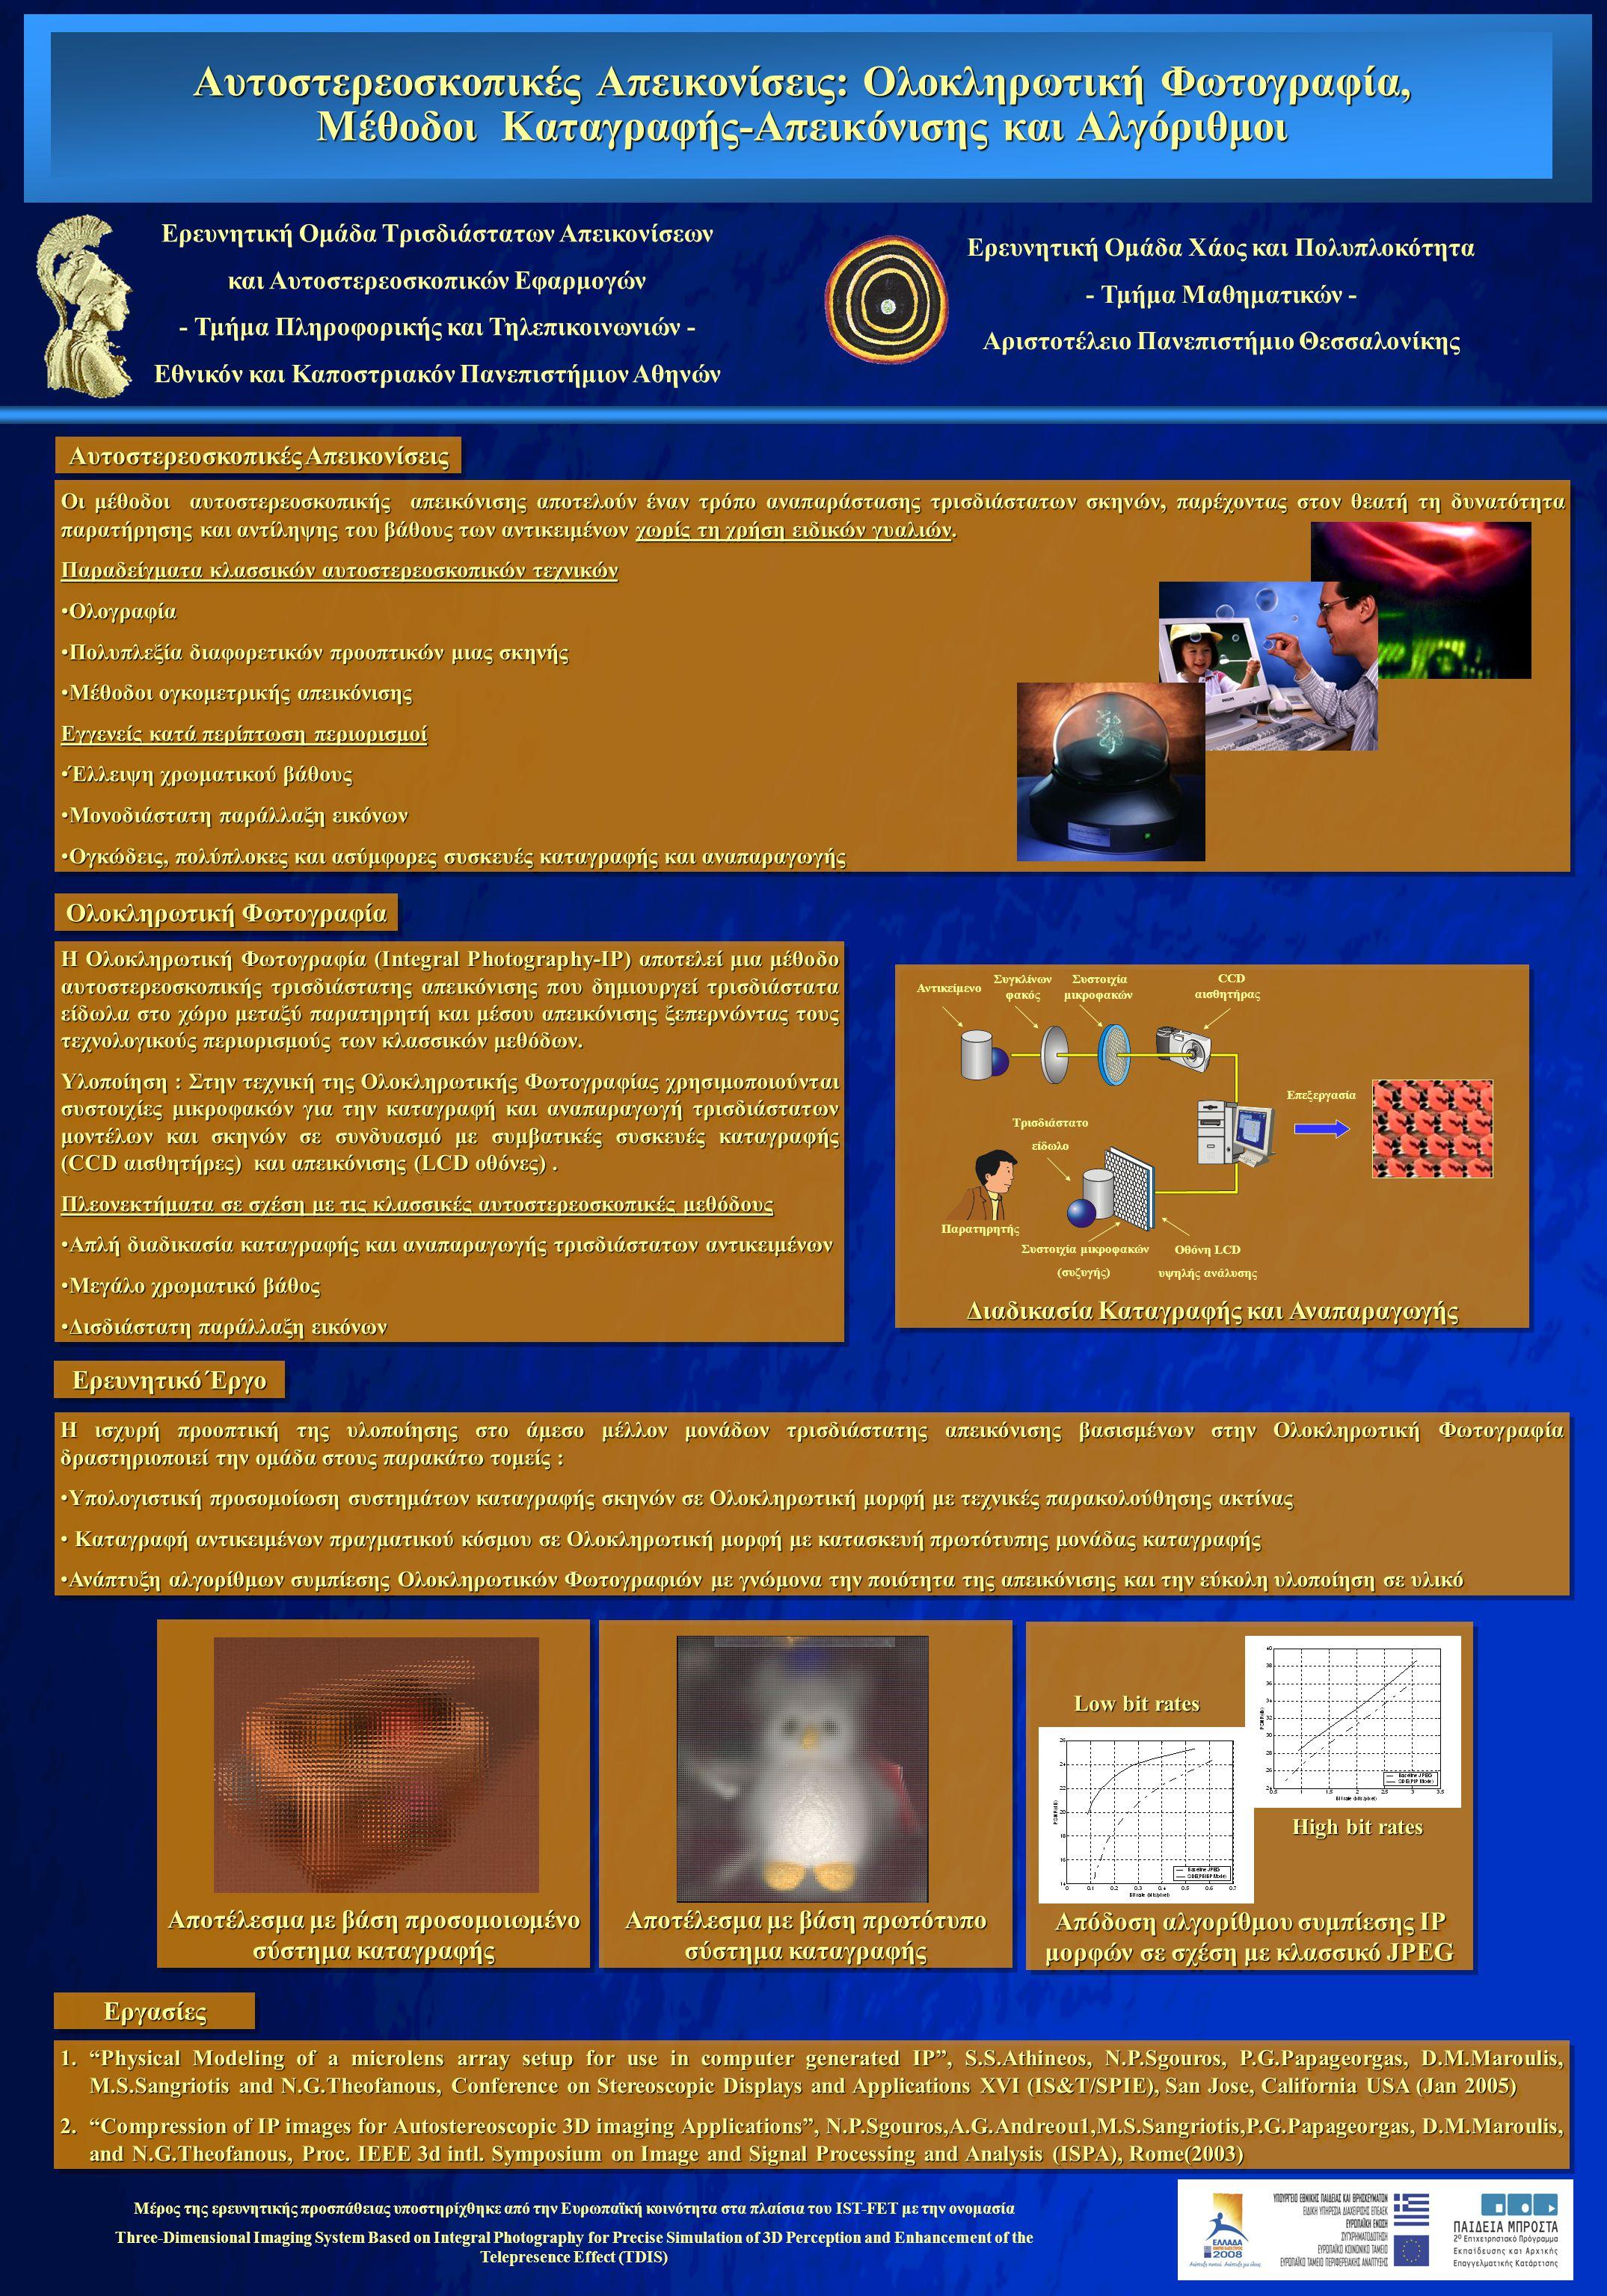 Αποτέλεσμα με βάση προσομοιωμένο σύστημα καταγραφής Αυτοστερεοσκοπικές Απεικονίσεις: Ολοκληρωτική Φωτογραφία, Μέθοδοι Καταγραφής-Απεικόνισης και Αλγόριθμοι Αυτοστερεοσκοπικές Απεικονίσεις Οι μέθοδοι αυτοστερεοσκοπικής απεικόνισης αποτελούν έναν τρόπο αναπαράστασης τρισδιάστατων σκηνών, παρέχοντας στον θεατή τη δυνατότητα παρατήρησης και αντίληψης του βάθους των αντικειμένων χωρίς τη χρήση ειδικών γυαλιών.